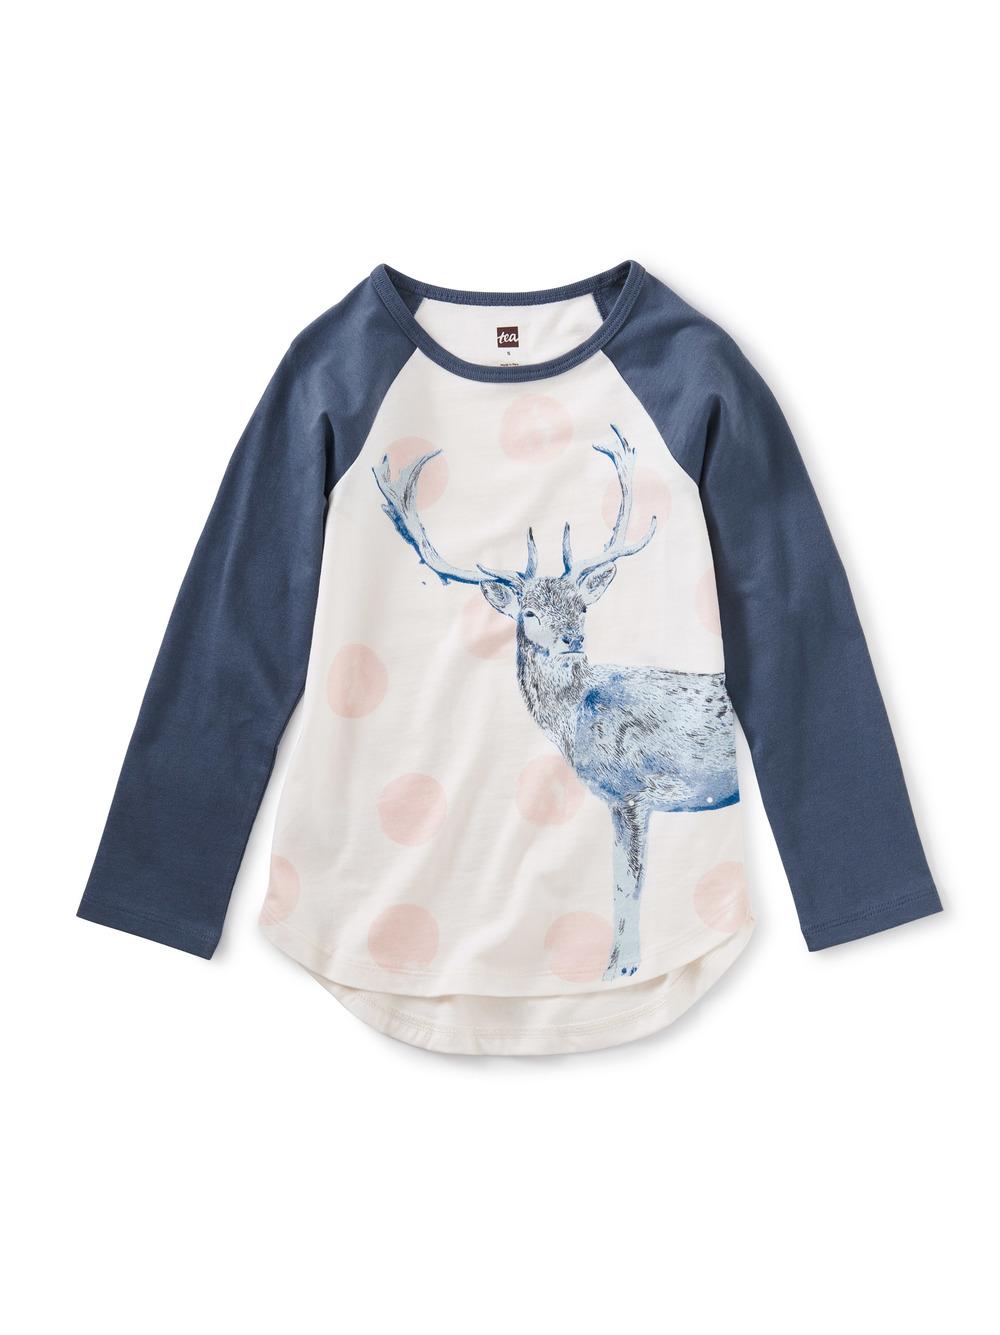 Oh Deer Raglan Graphic Tee